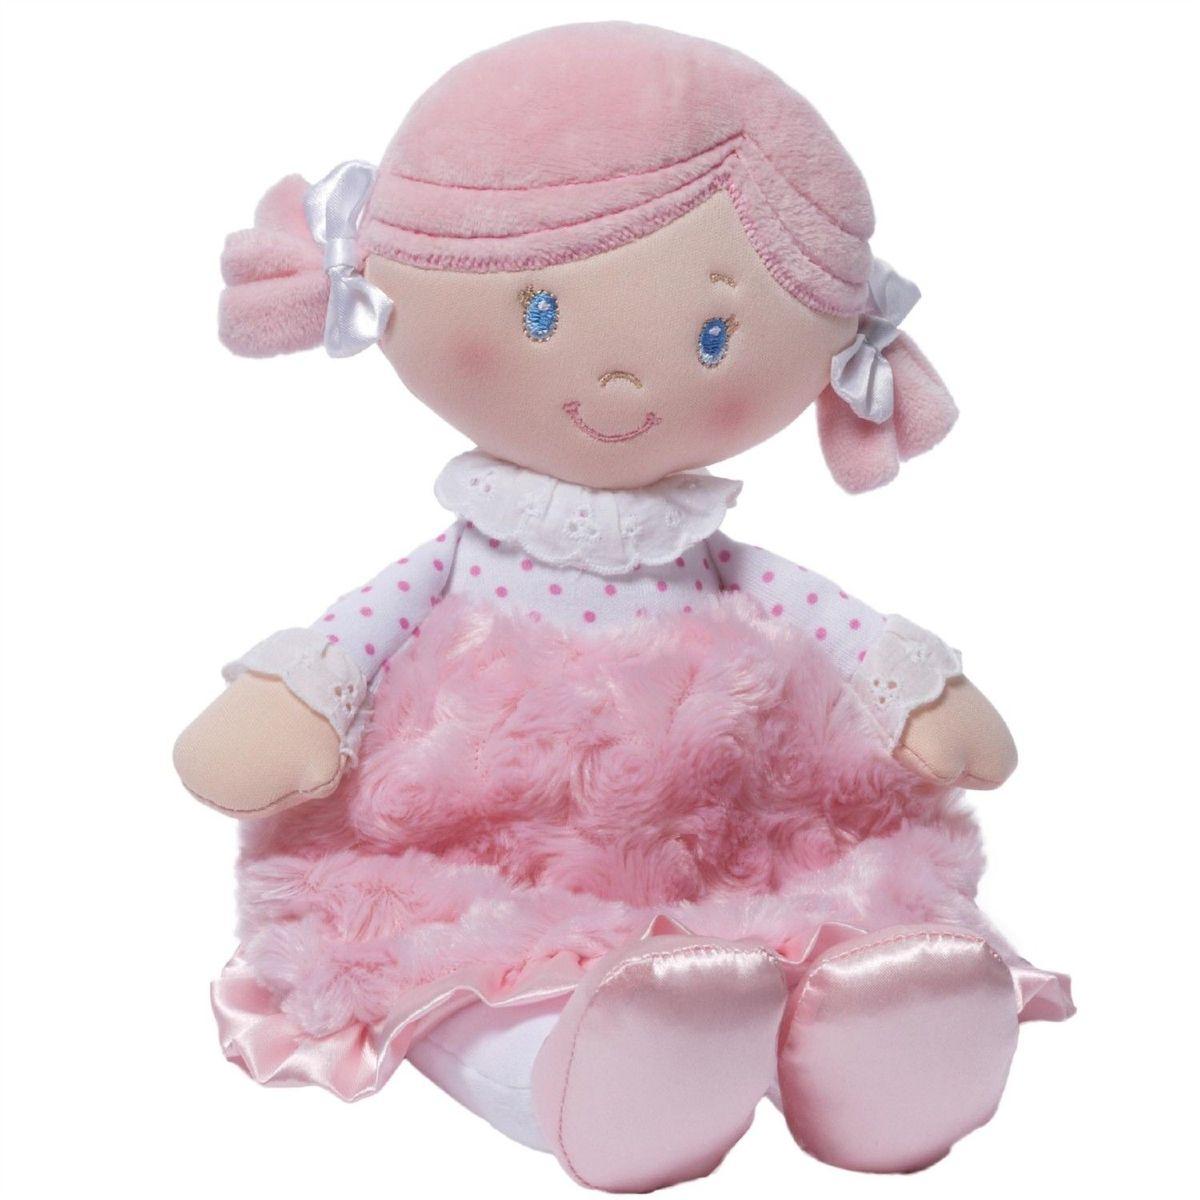 Gund Мягкая кукла Celia Doll4048406Милые, мягкие и безопасные, игрушки фирмы Gund отличаются реалистичным внешним видом, напоминающим настоящего питомца. Только посмотрите на эту милую мордашку, которая так приветливо смотрит на вас. Разве можно устоять перед её обаянием? Конечно нет, да и не нужно! Такая игрушка вызывает умиление не только у детей , но и у взрослых. Поэтому она станет отличным подарком не только ребёнку, но и друзьям!